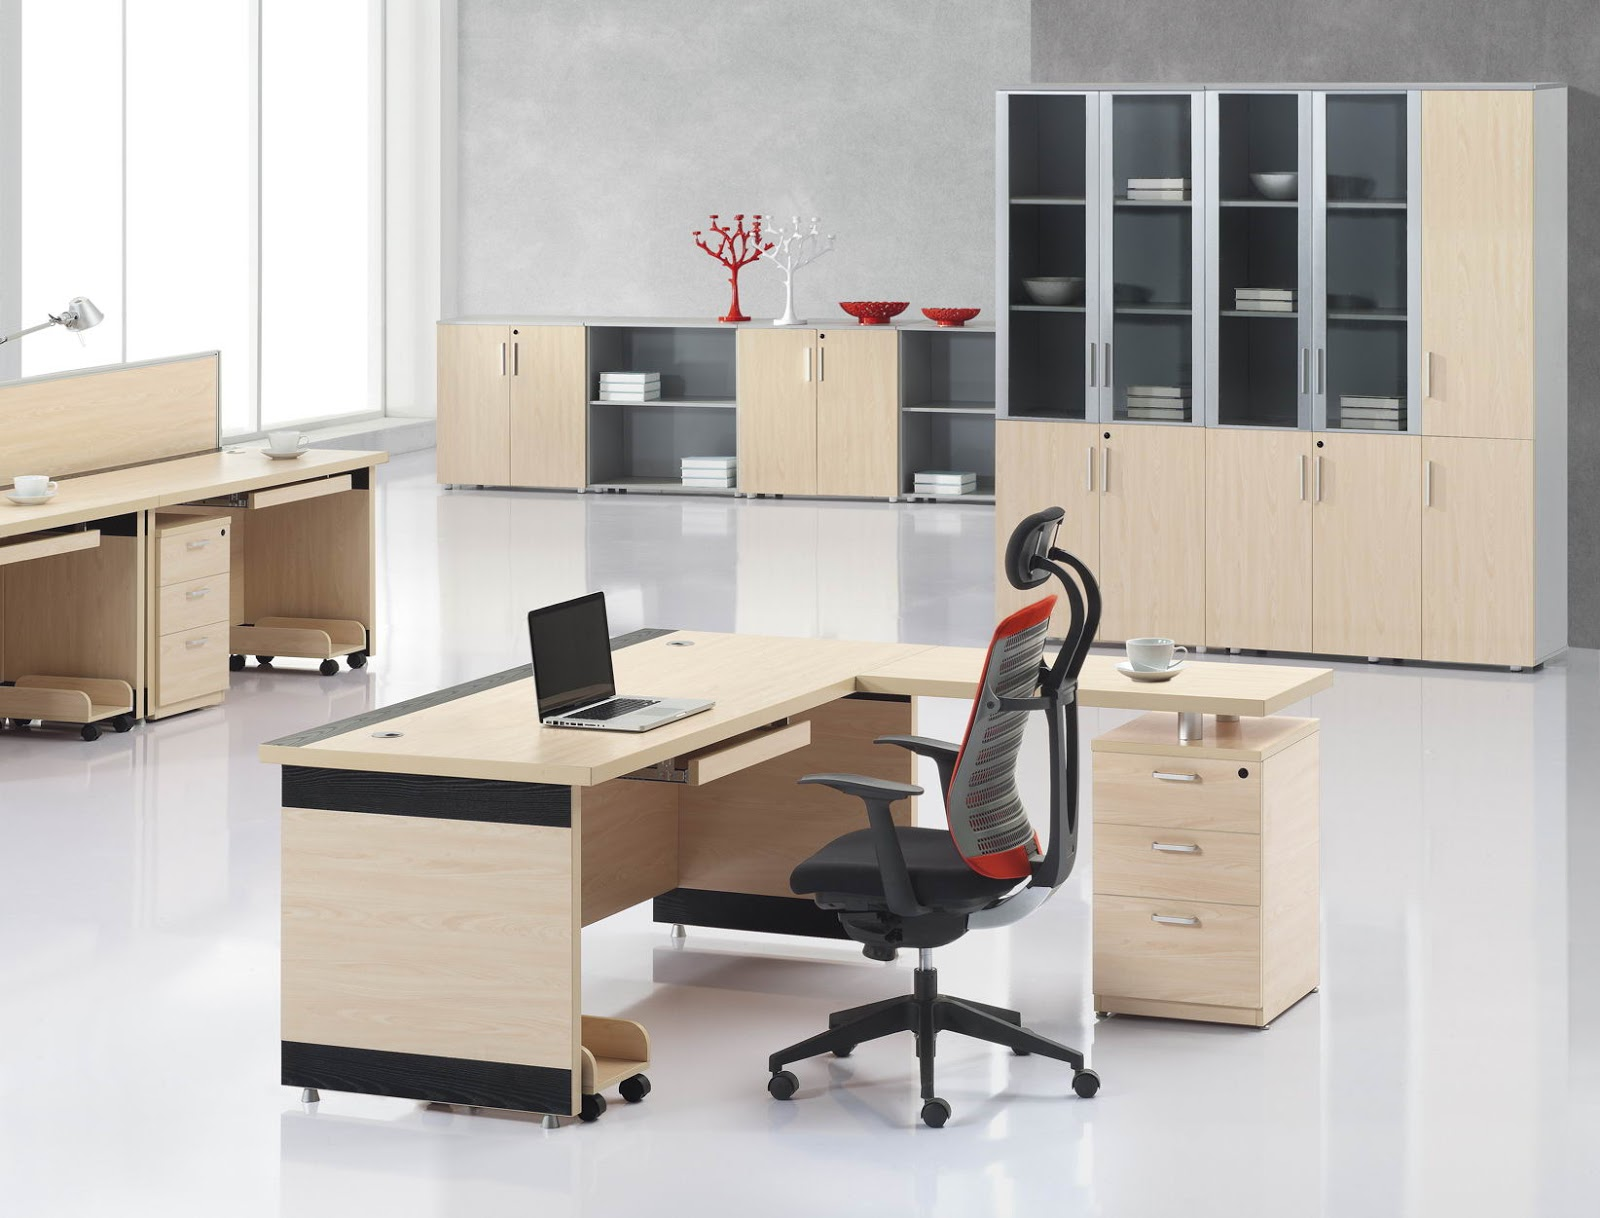 Muebles en melamina que son y que ventajas ofrecen for Muebles melamina